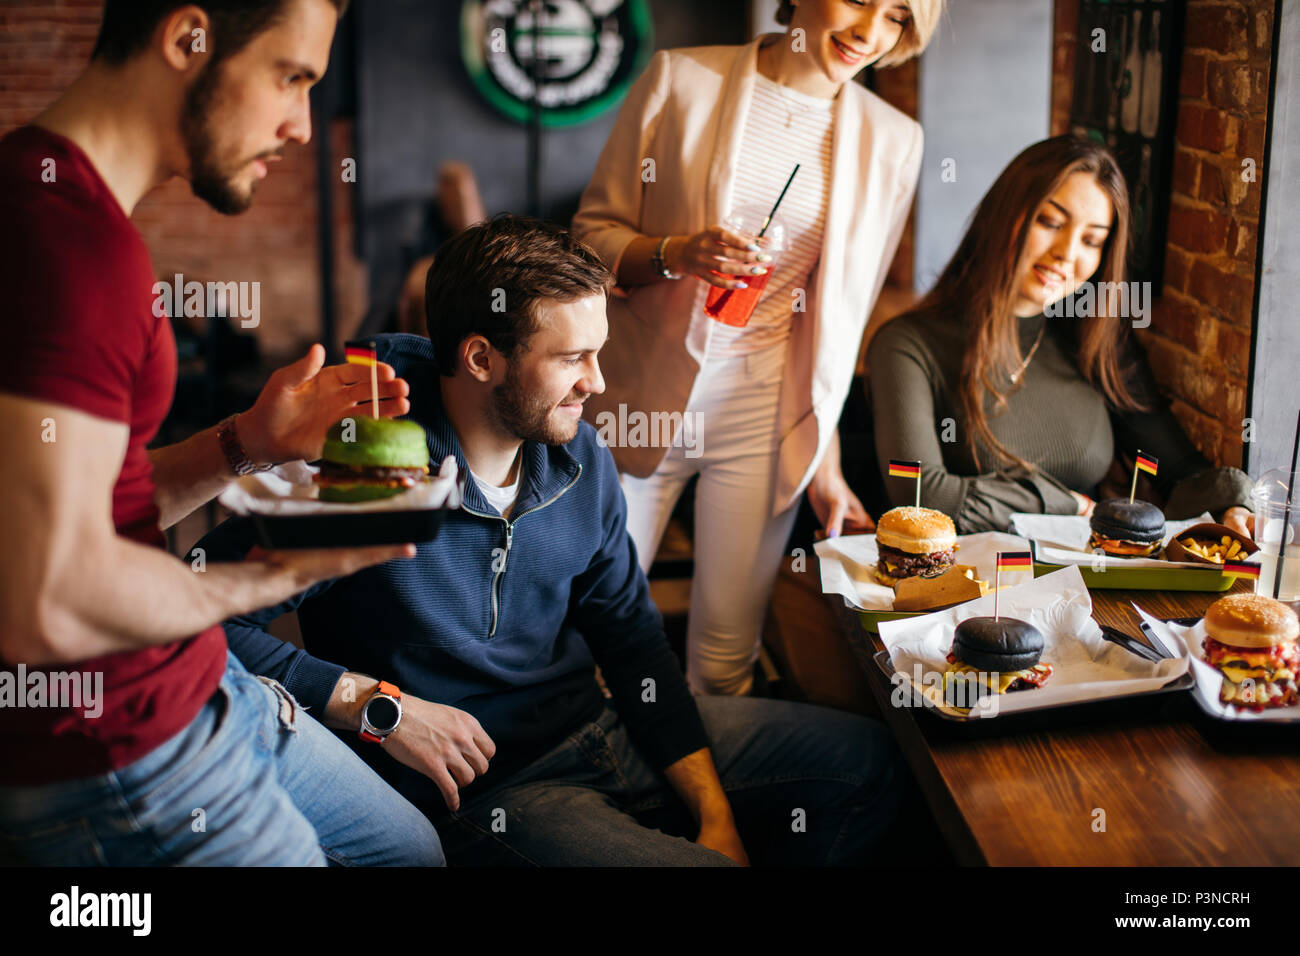 Poli jeune serveur apportant commandé des hamburgers pour les clients de restaurant Photo Stock